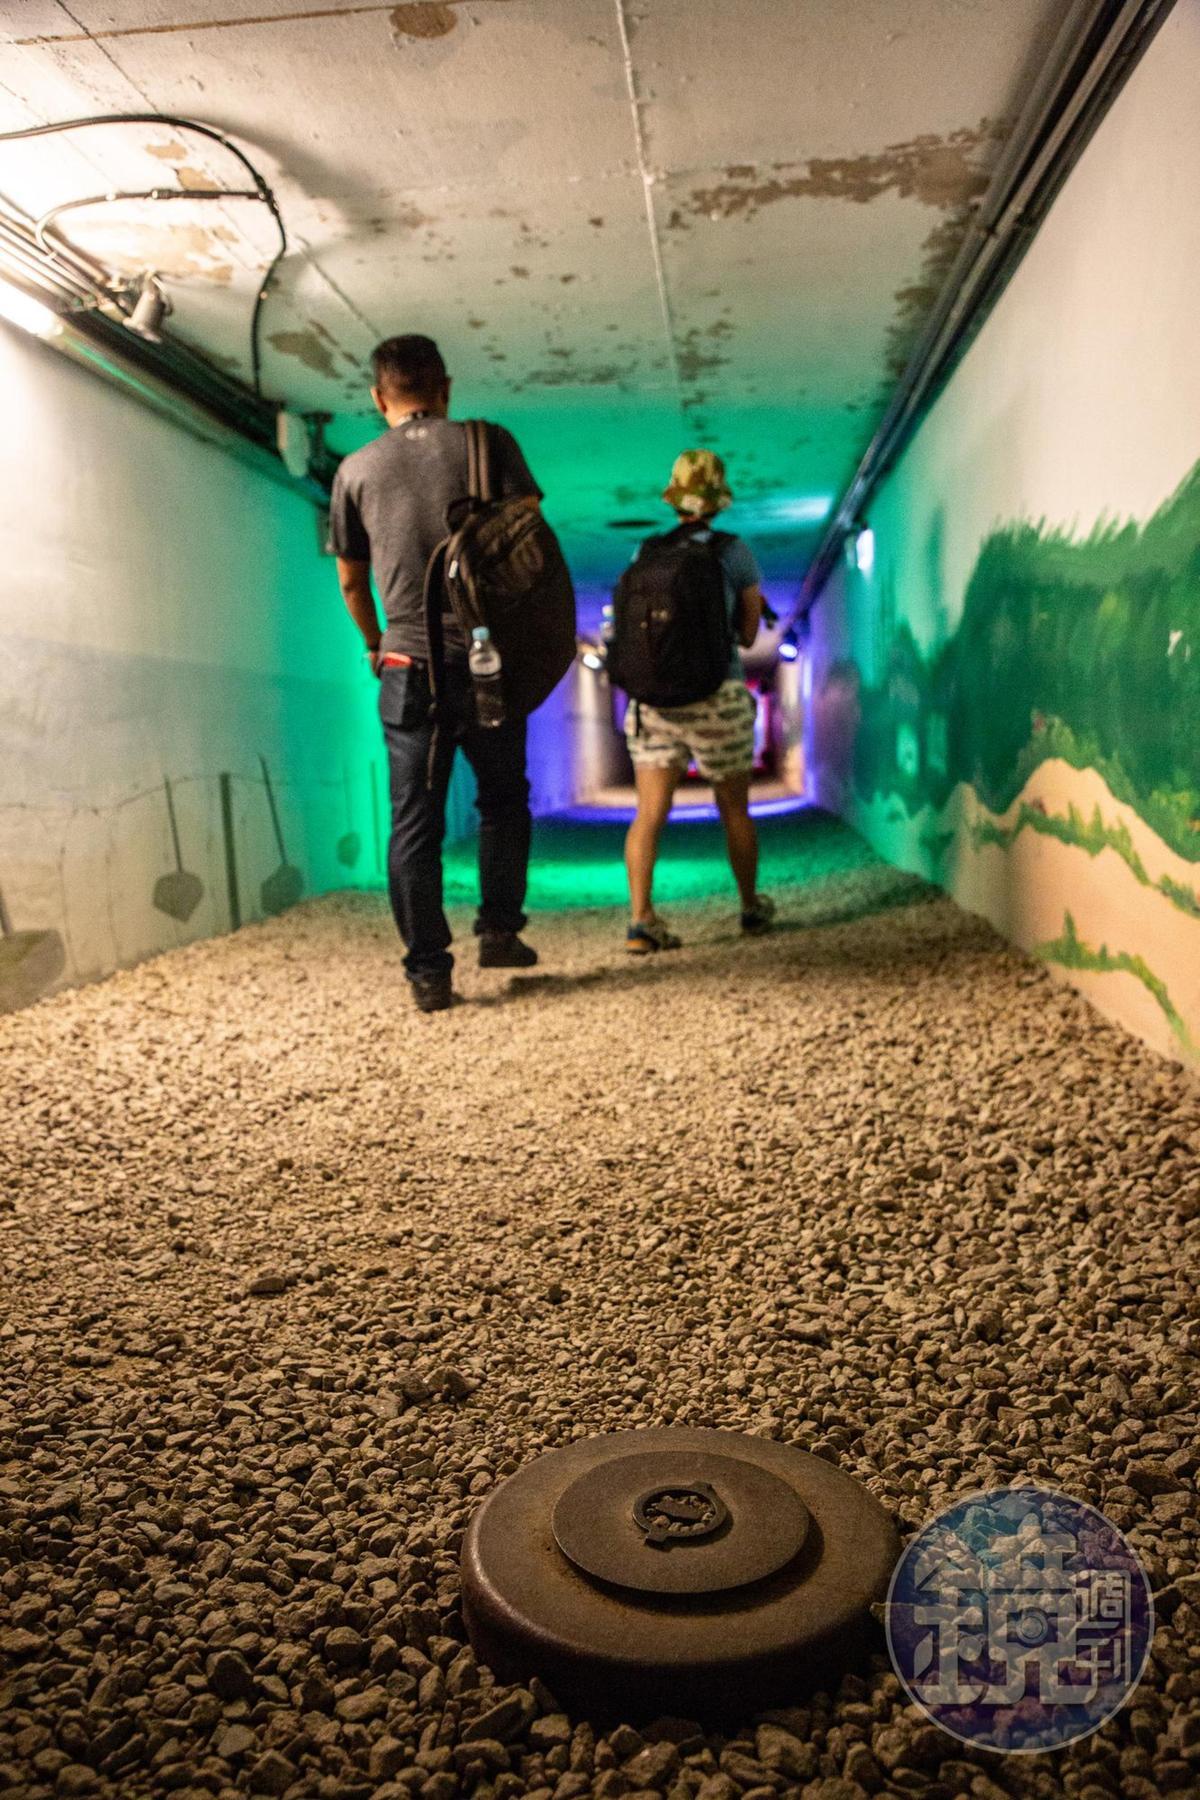 聲光效果俱佳的地雷步道,只要每經過一個地雷,就會響起隆隆爆炸聲。